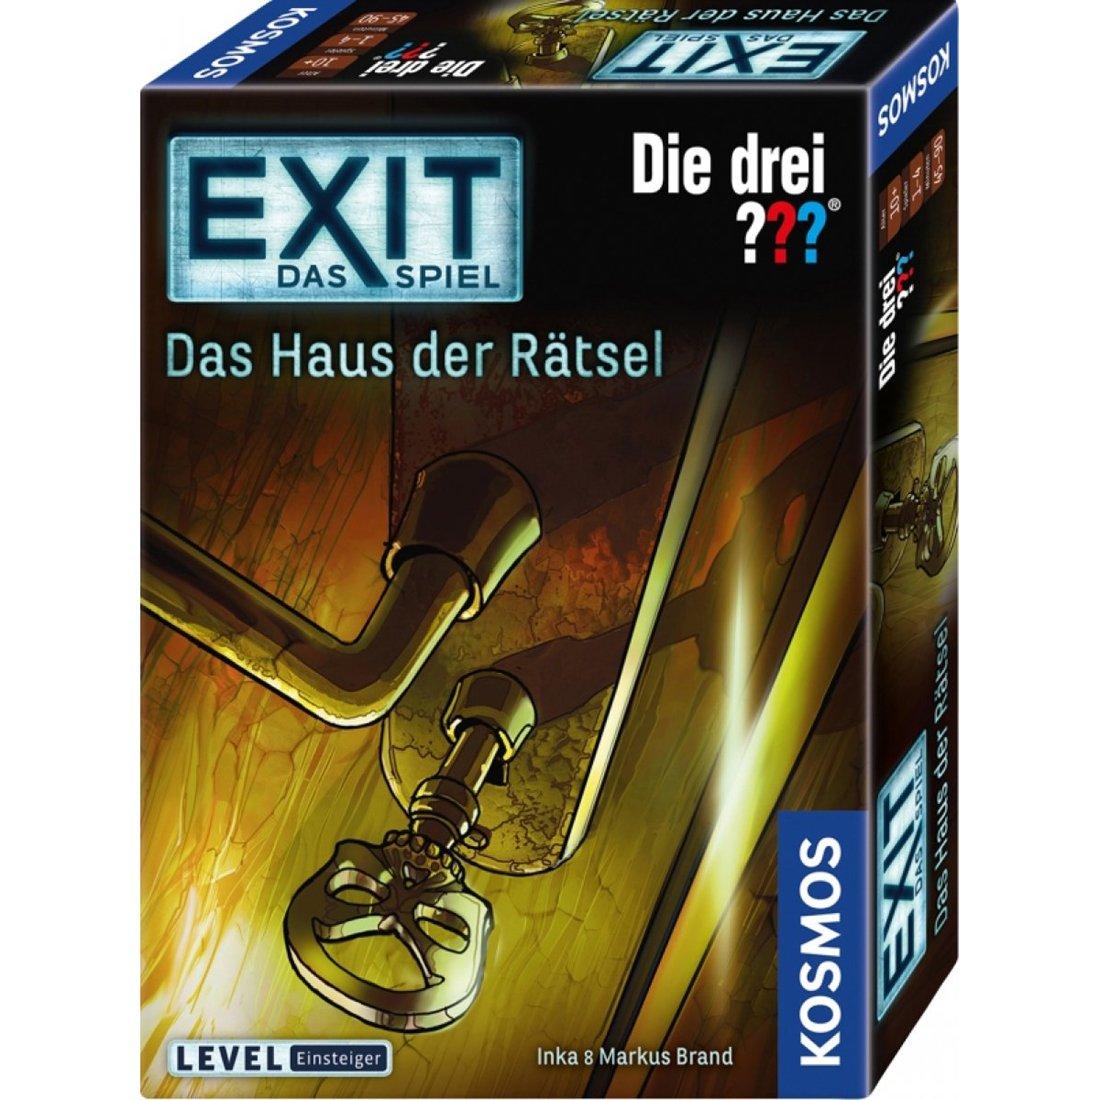 Exit-Spiel - Die drei ??? Das Haus der Rätsel - Kosmos-Spiel, Einsteigerlevel ab 10 Jahre